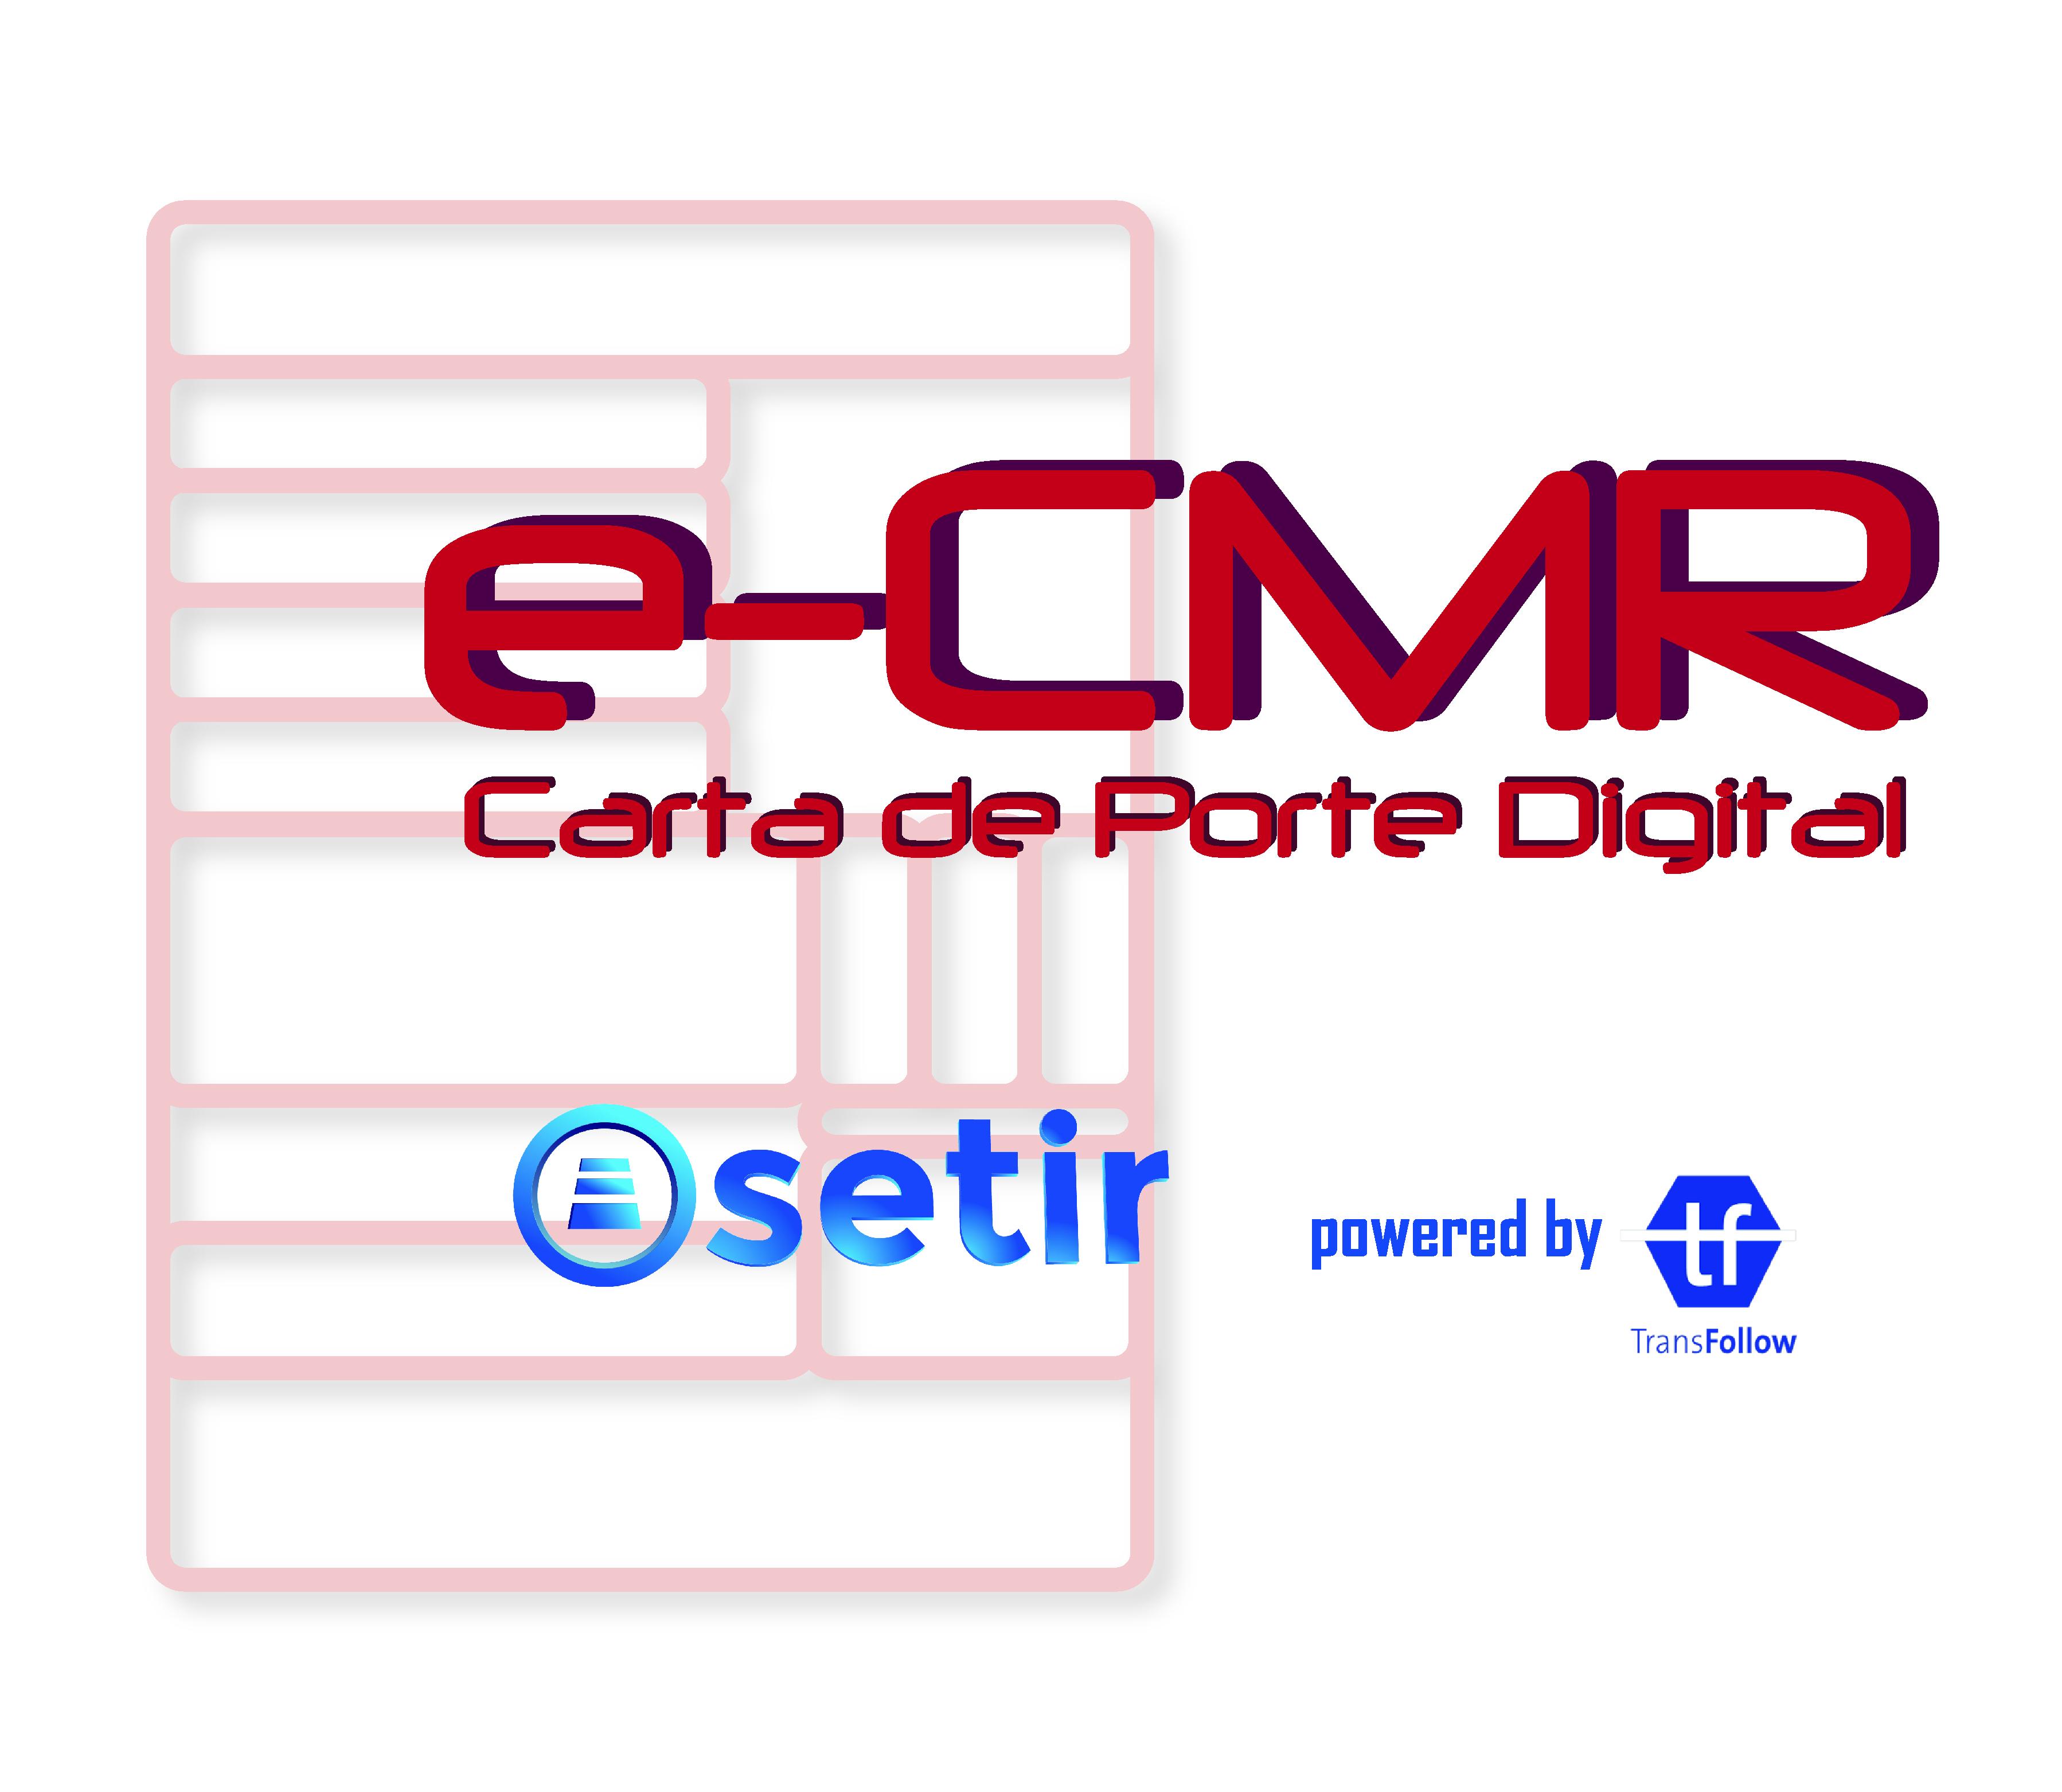 Campaña http://setir.es/noticia/56/Descubre+el+e-CMR+y+Carta+de+porte+electr%C3%B3nica/